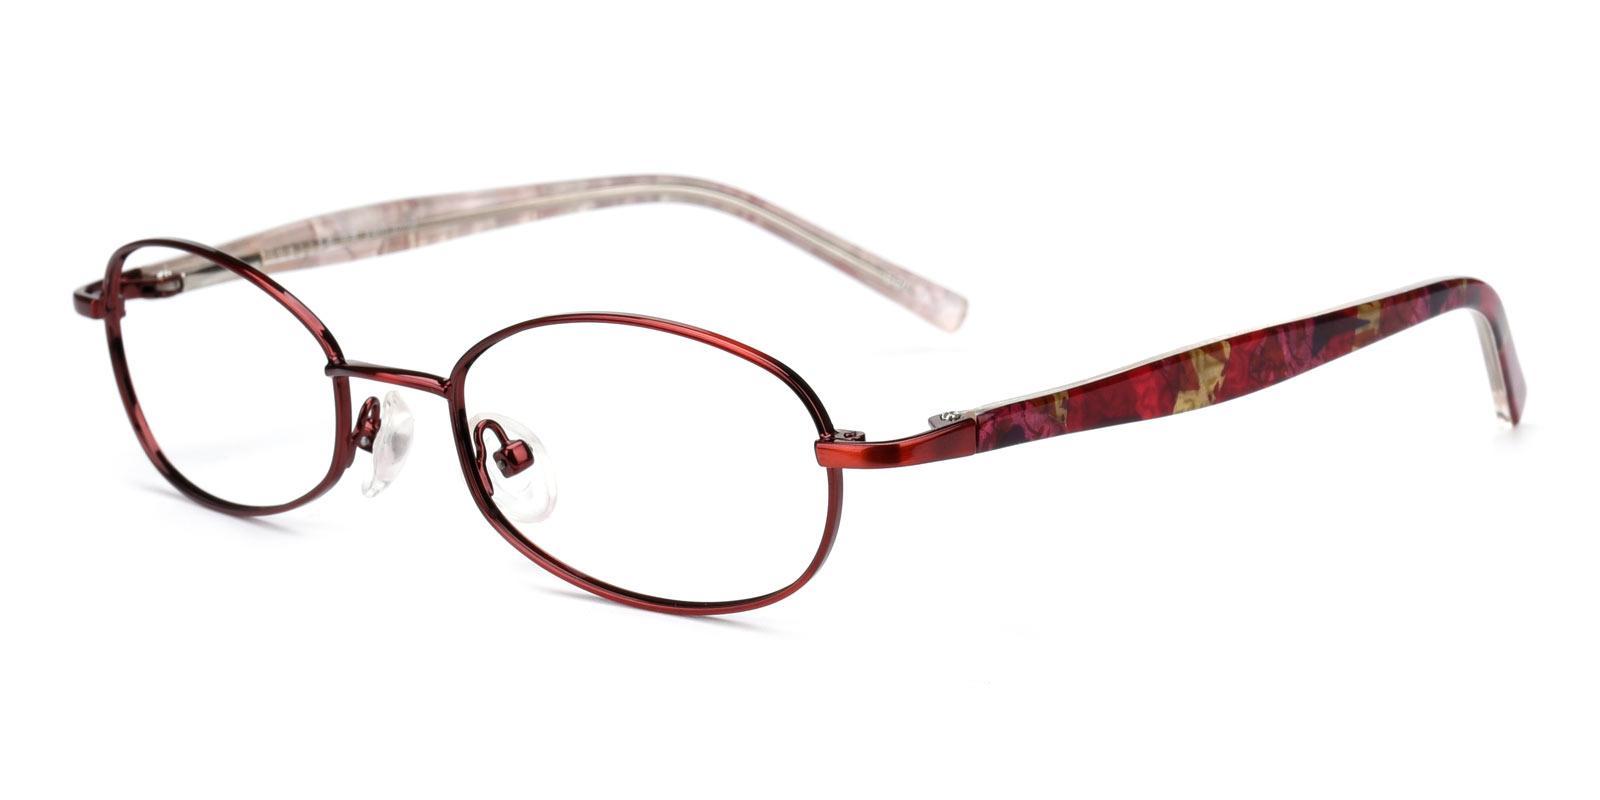 Rosebud-Red-Oval-Metal-Eyeglasses-detail